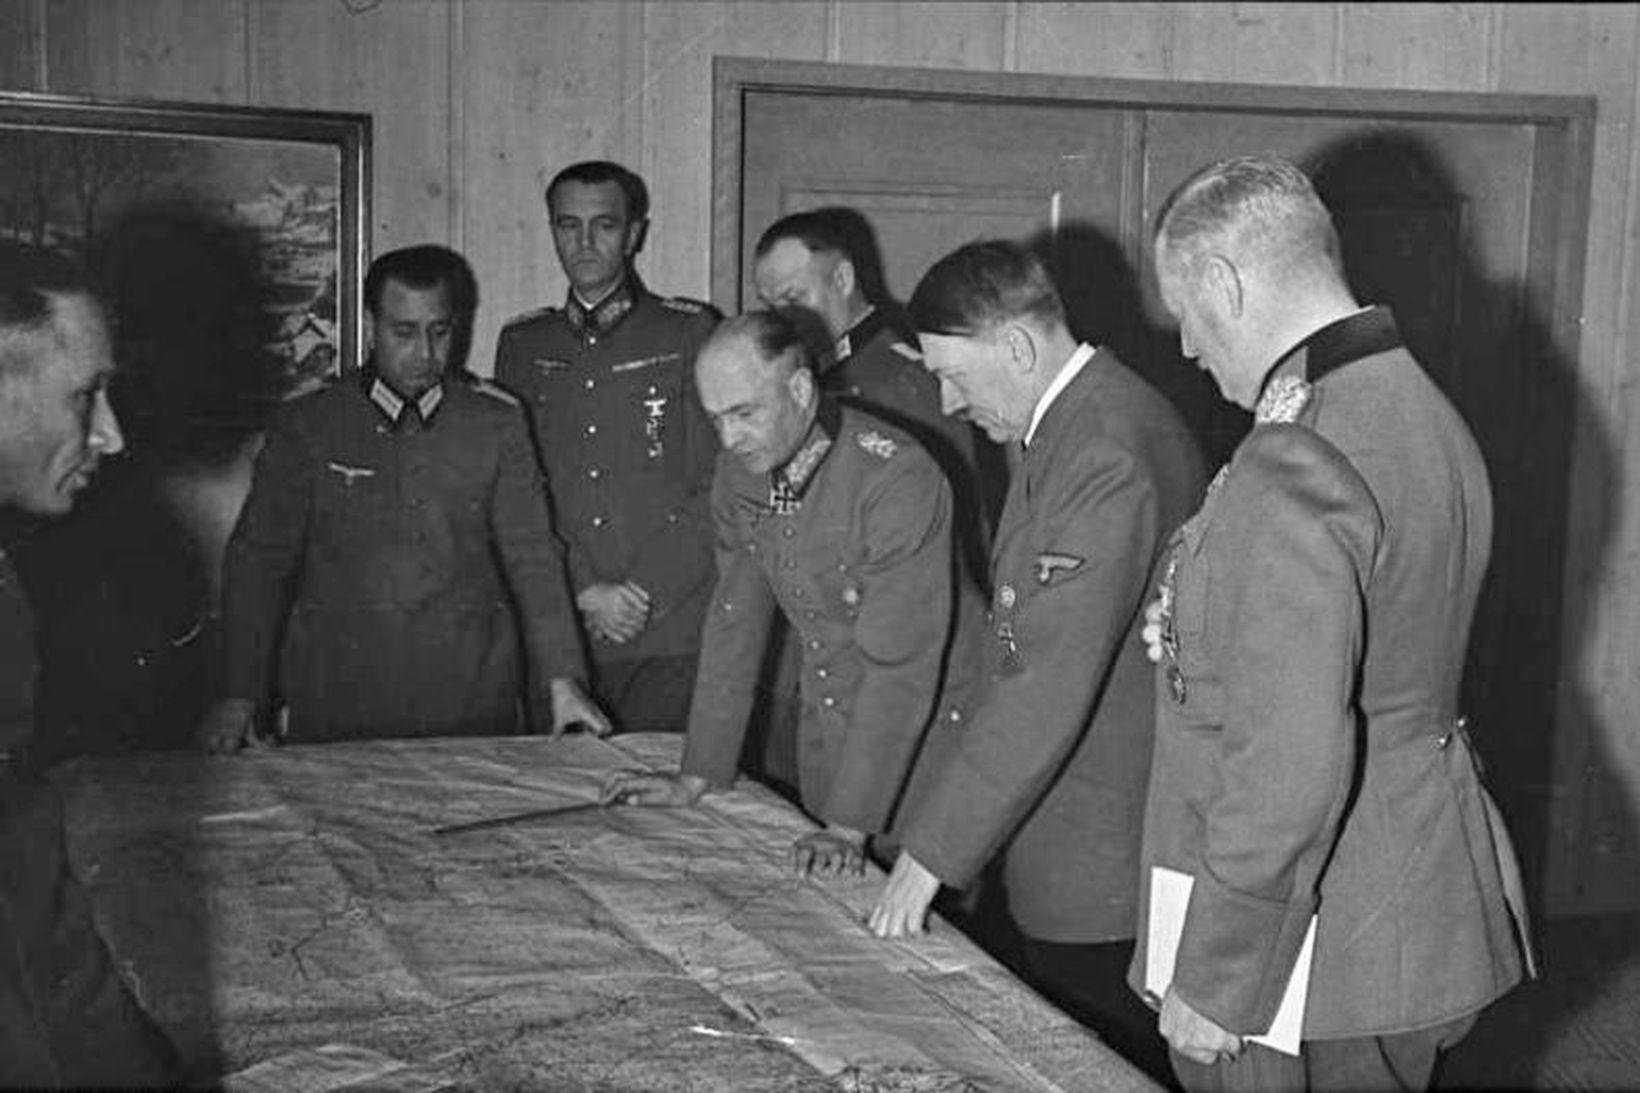 Adolf Hitler skoðar landakort með herforingjum sínum.